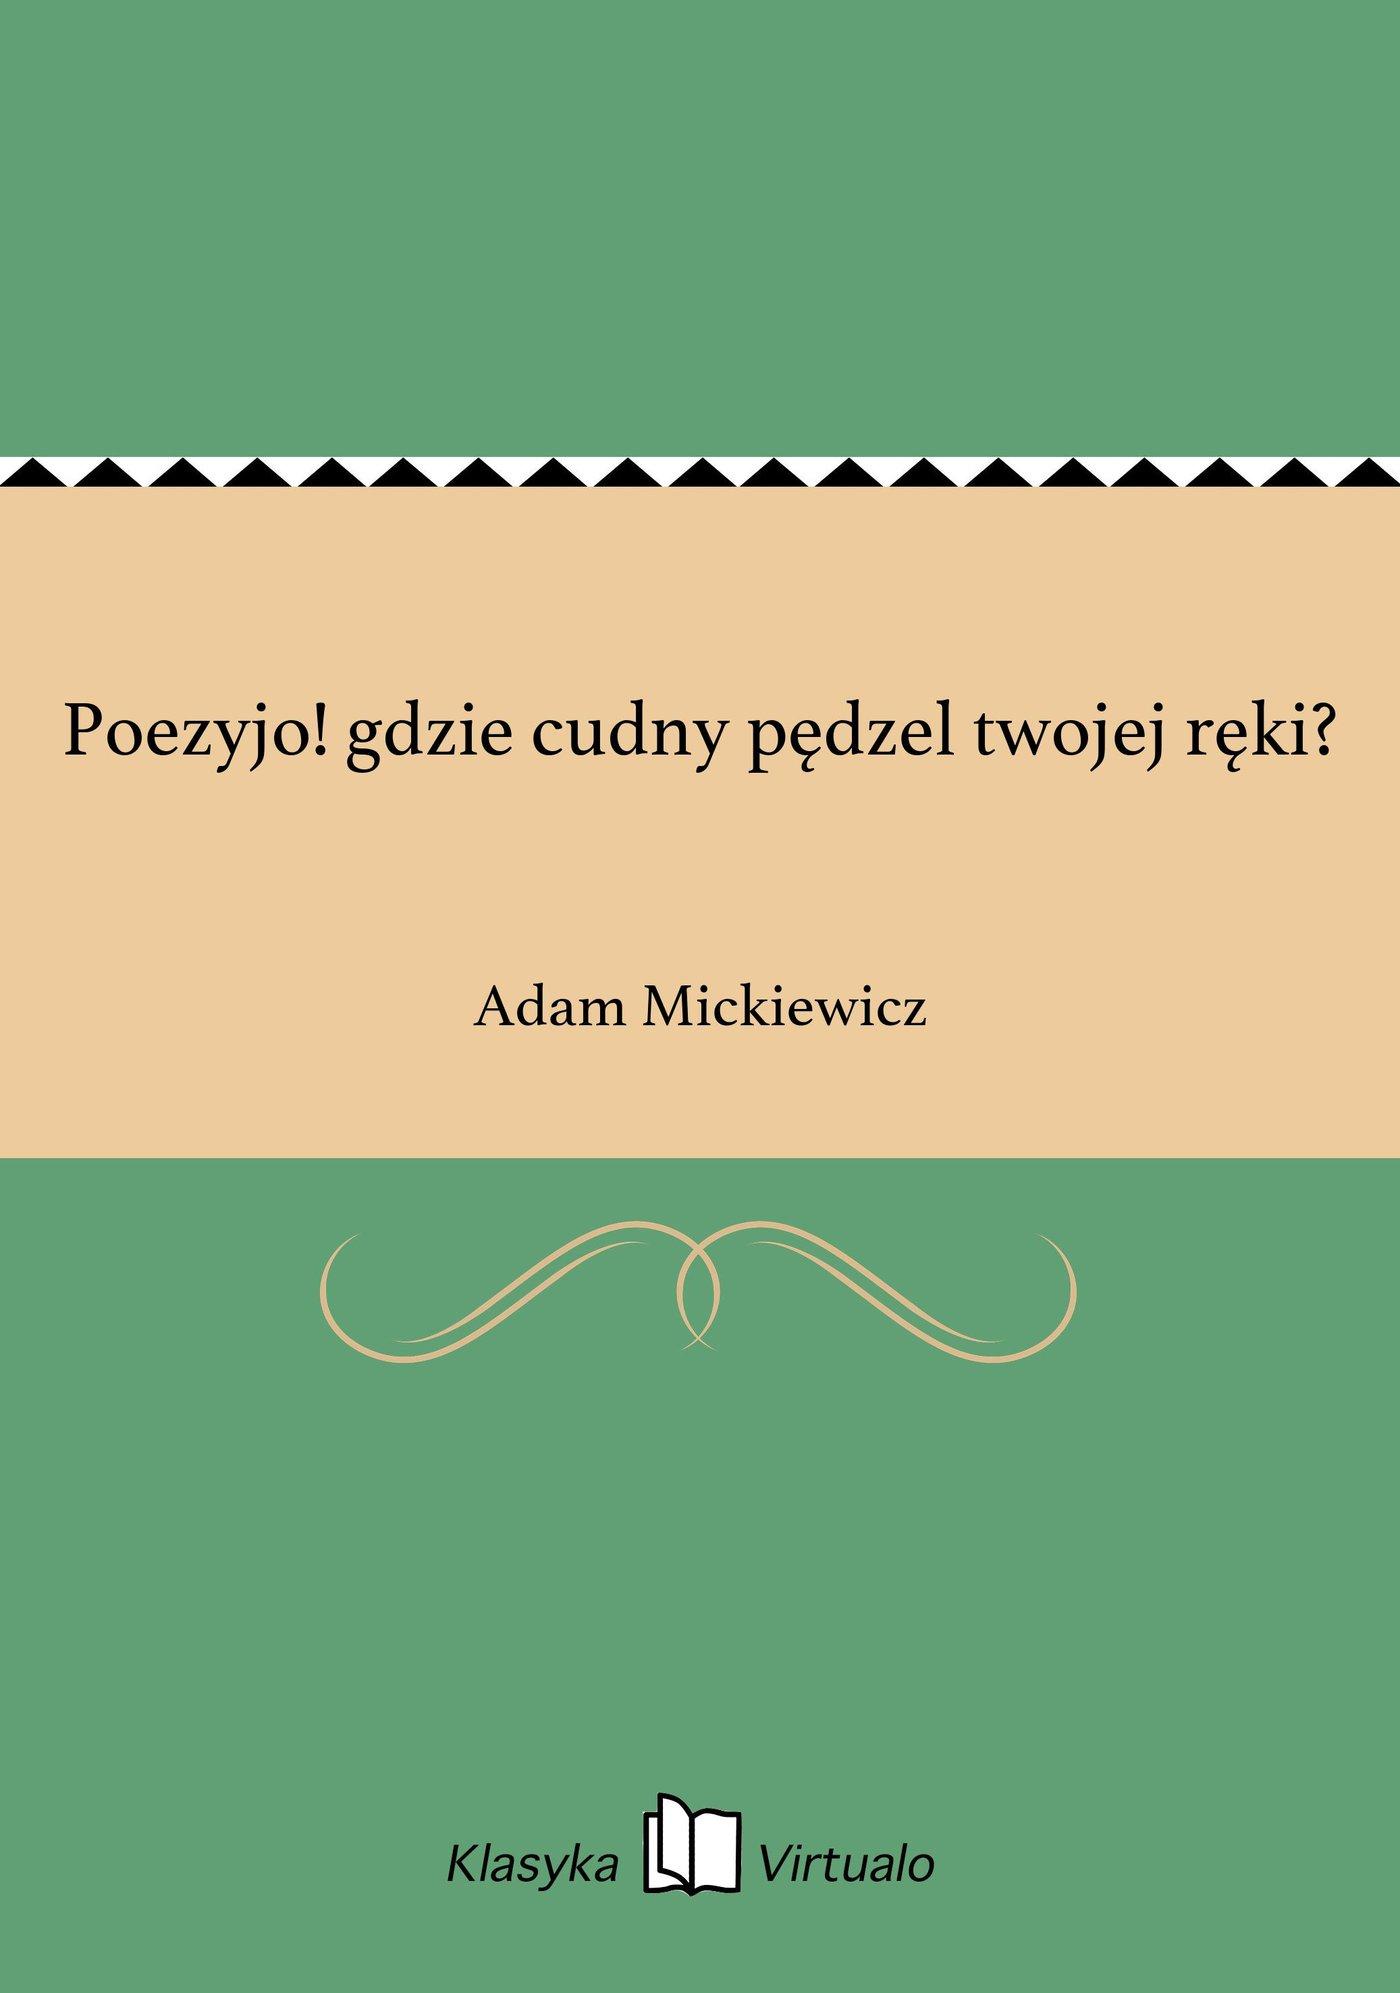 Poezyjo! gdzie cudny pędzel twojej ręki? - Ebook (Książka EPUB) do pobrania w formacie EPUB